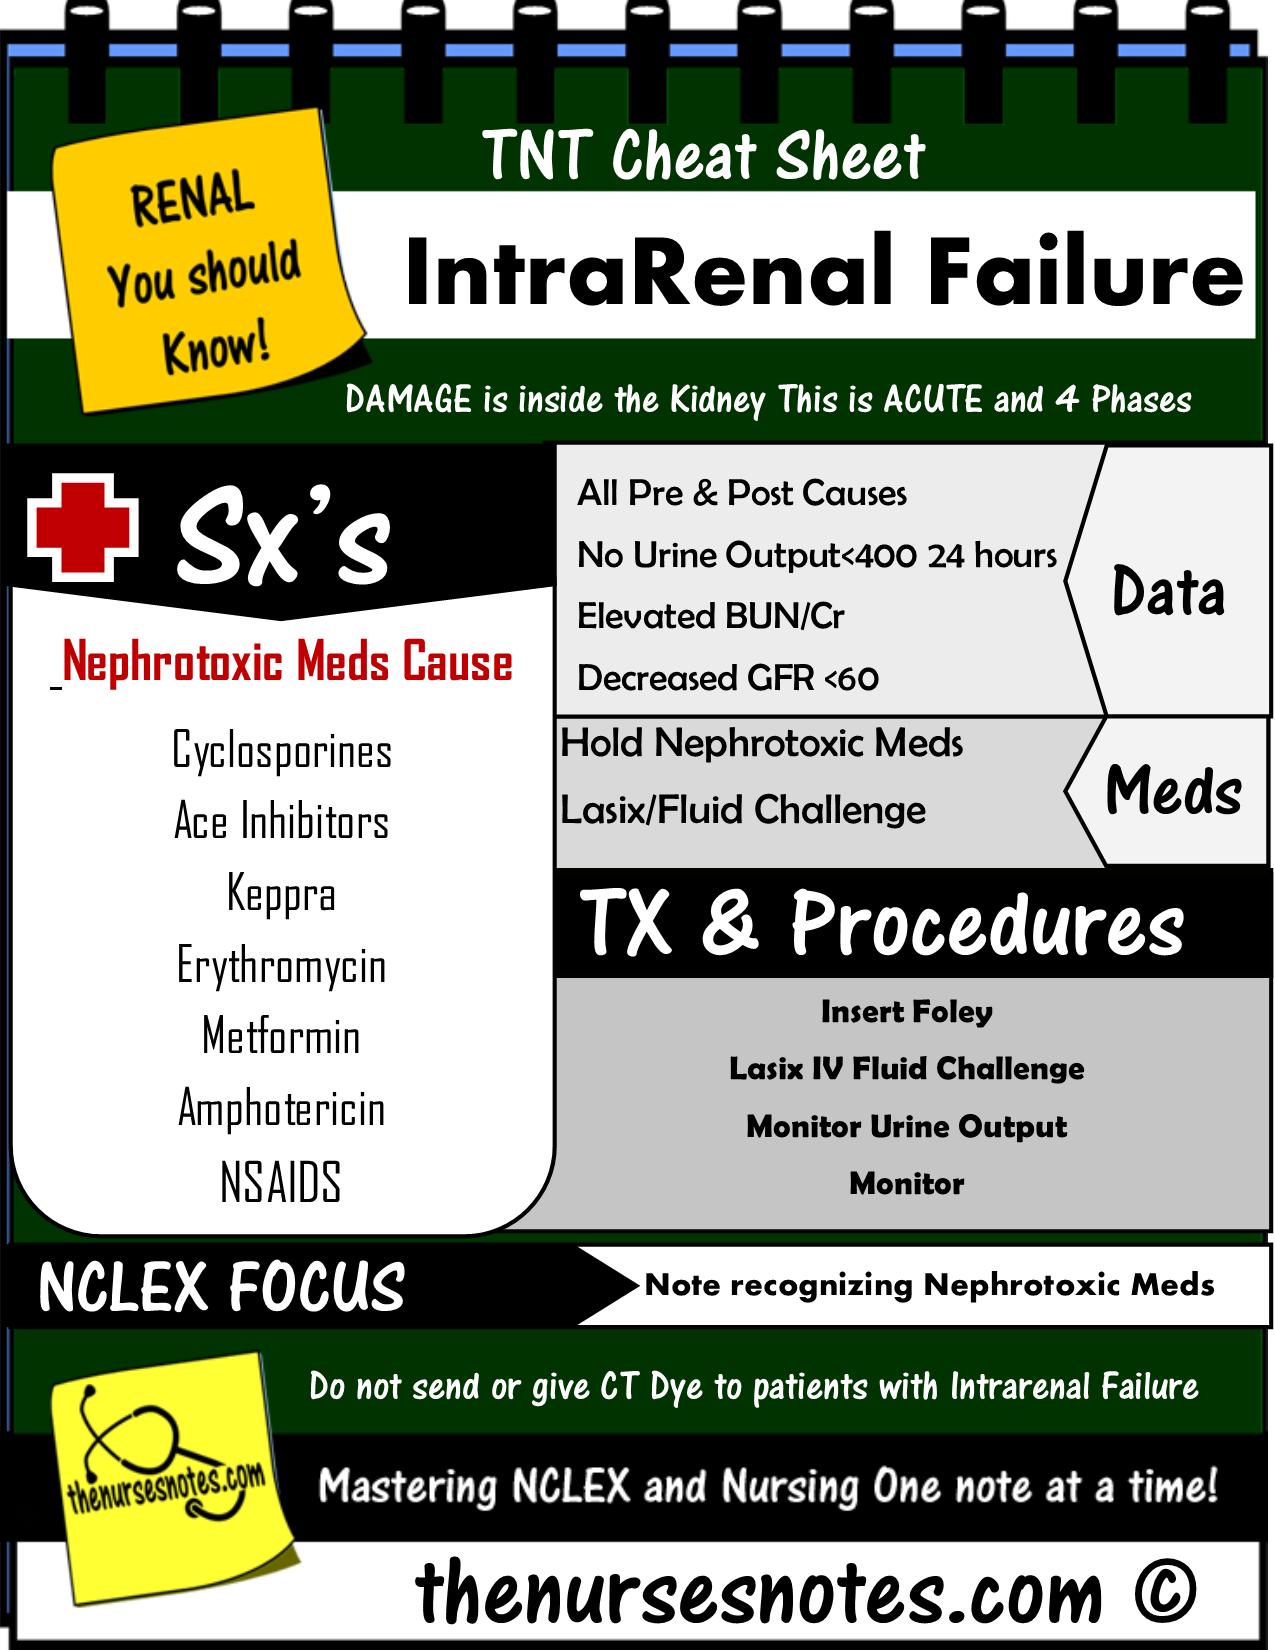 Intra Renal Failure Kidney Renal Nursing Kamp Stickenotes Tbb Png 1 275 1 650 Pixels Nursing Notes Nursing Mnemonics Nurse